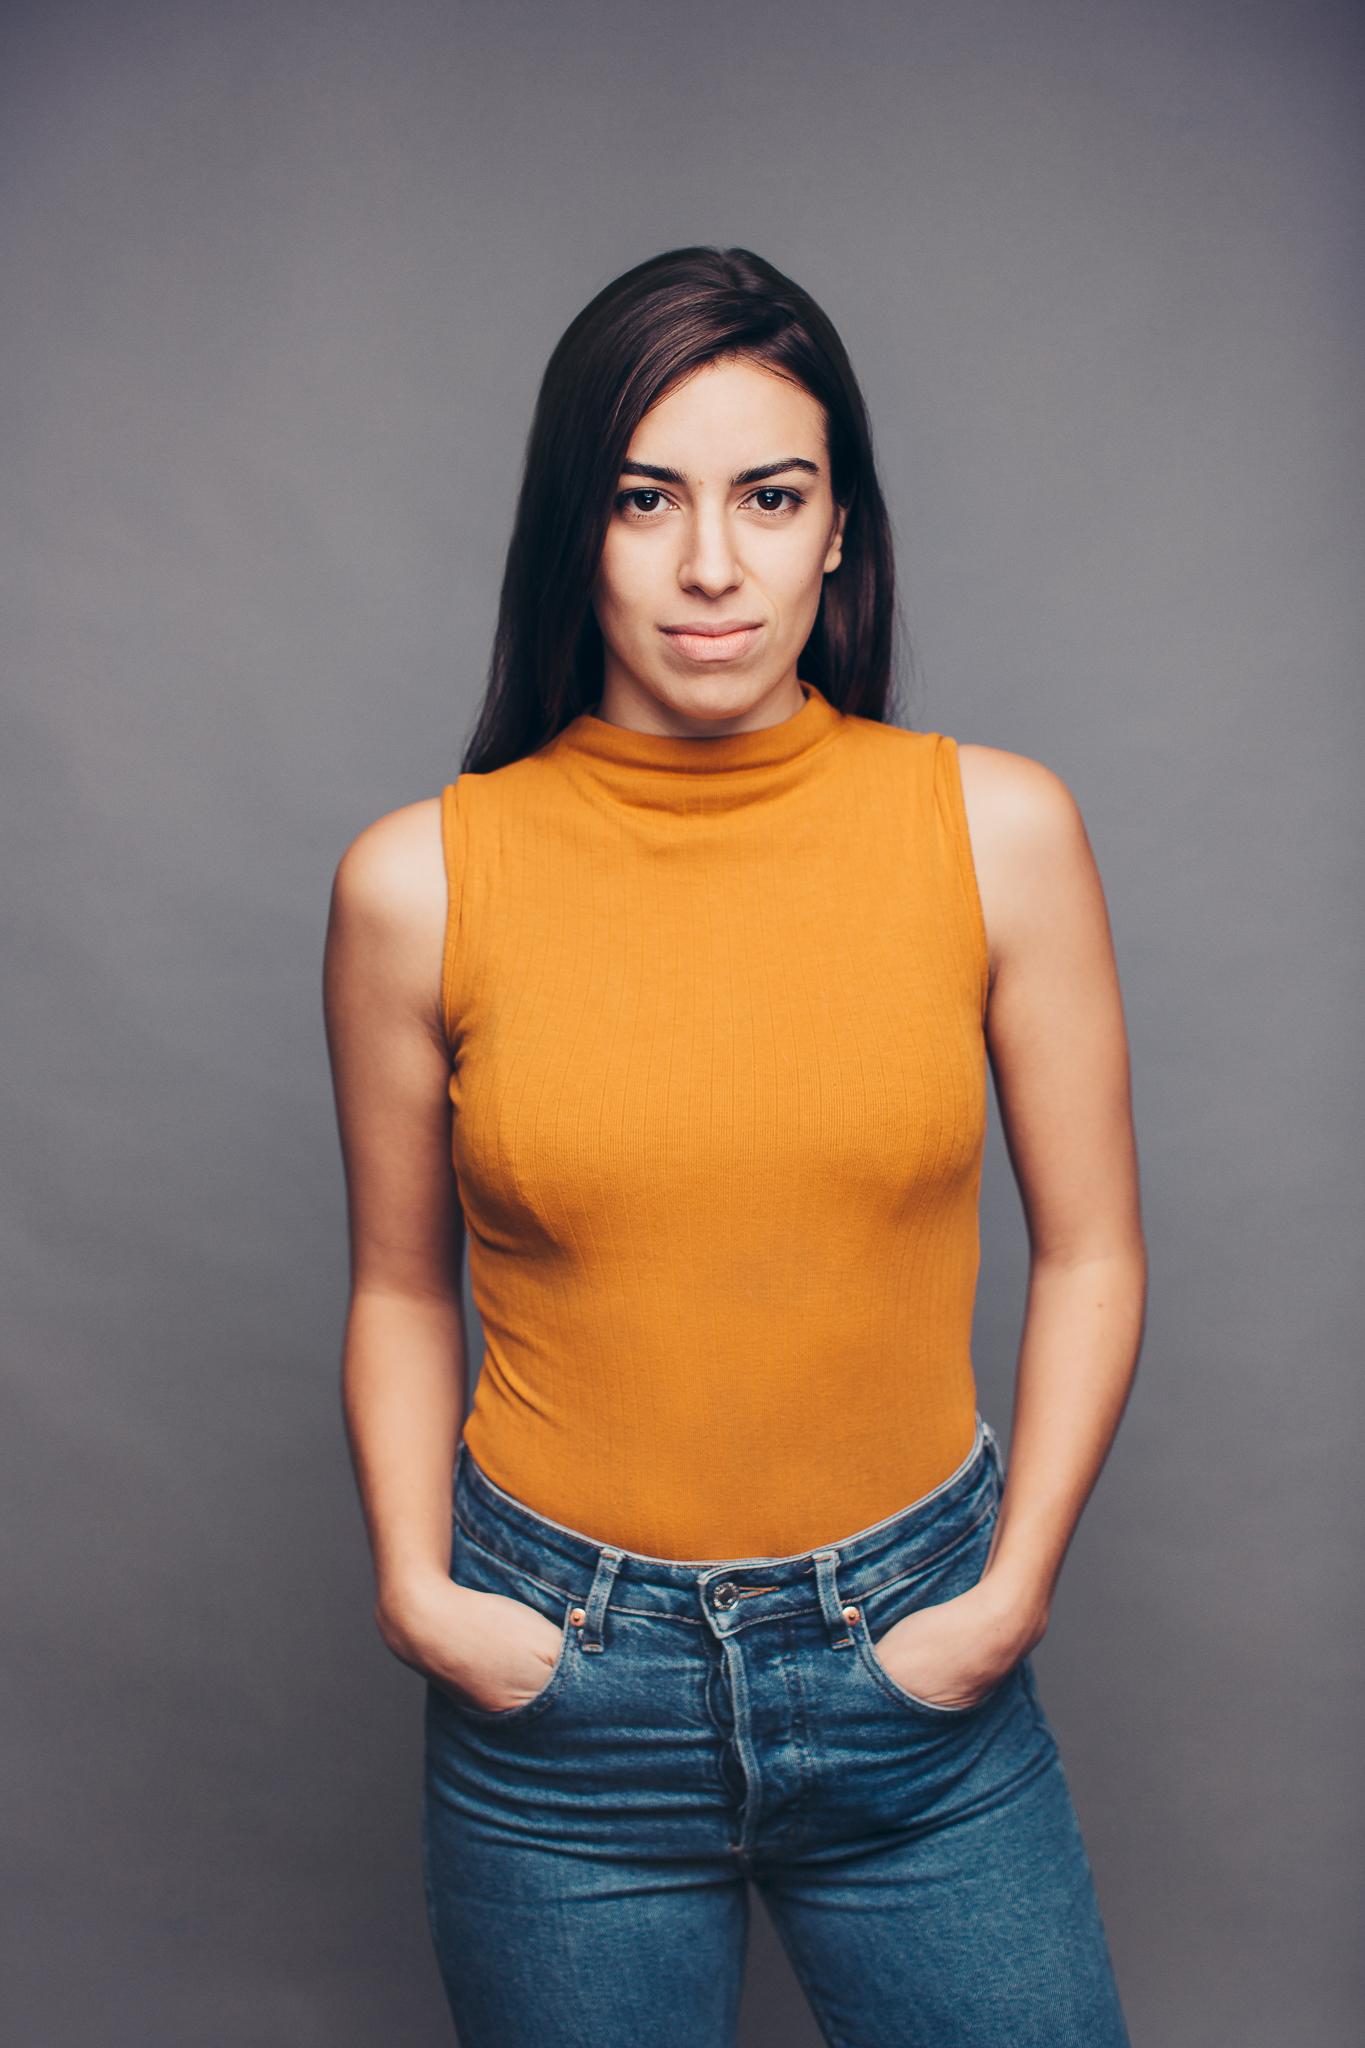 Camila-Pujol-Ochoa-by-HEIN-Photography-04-web.jpg